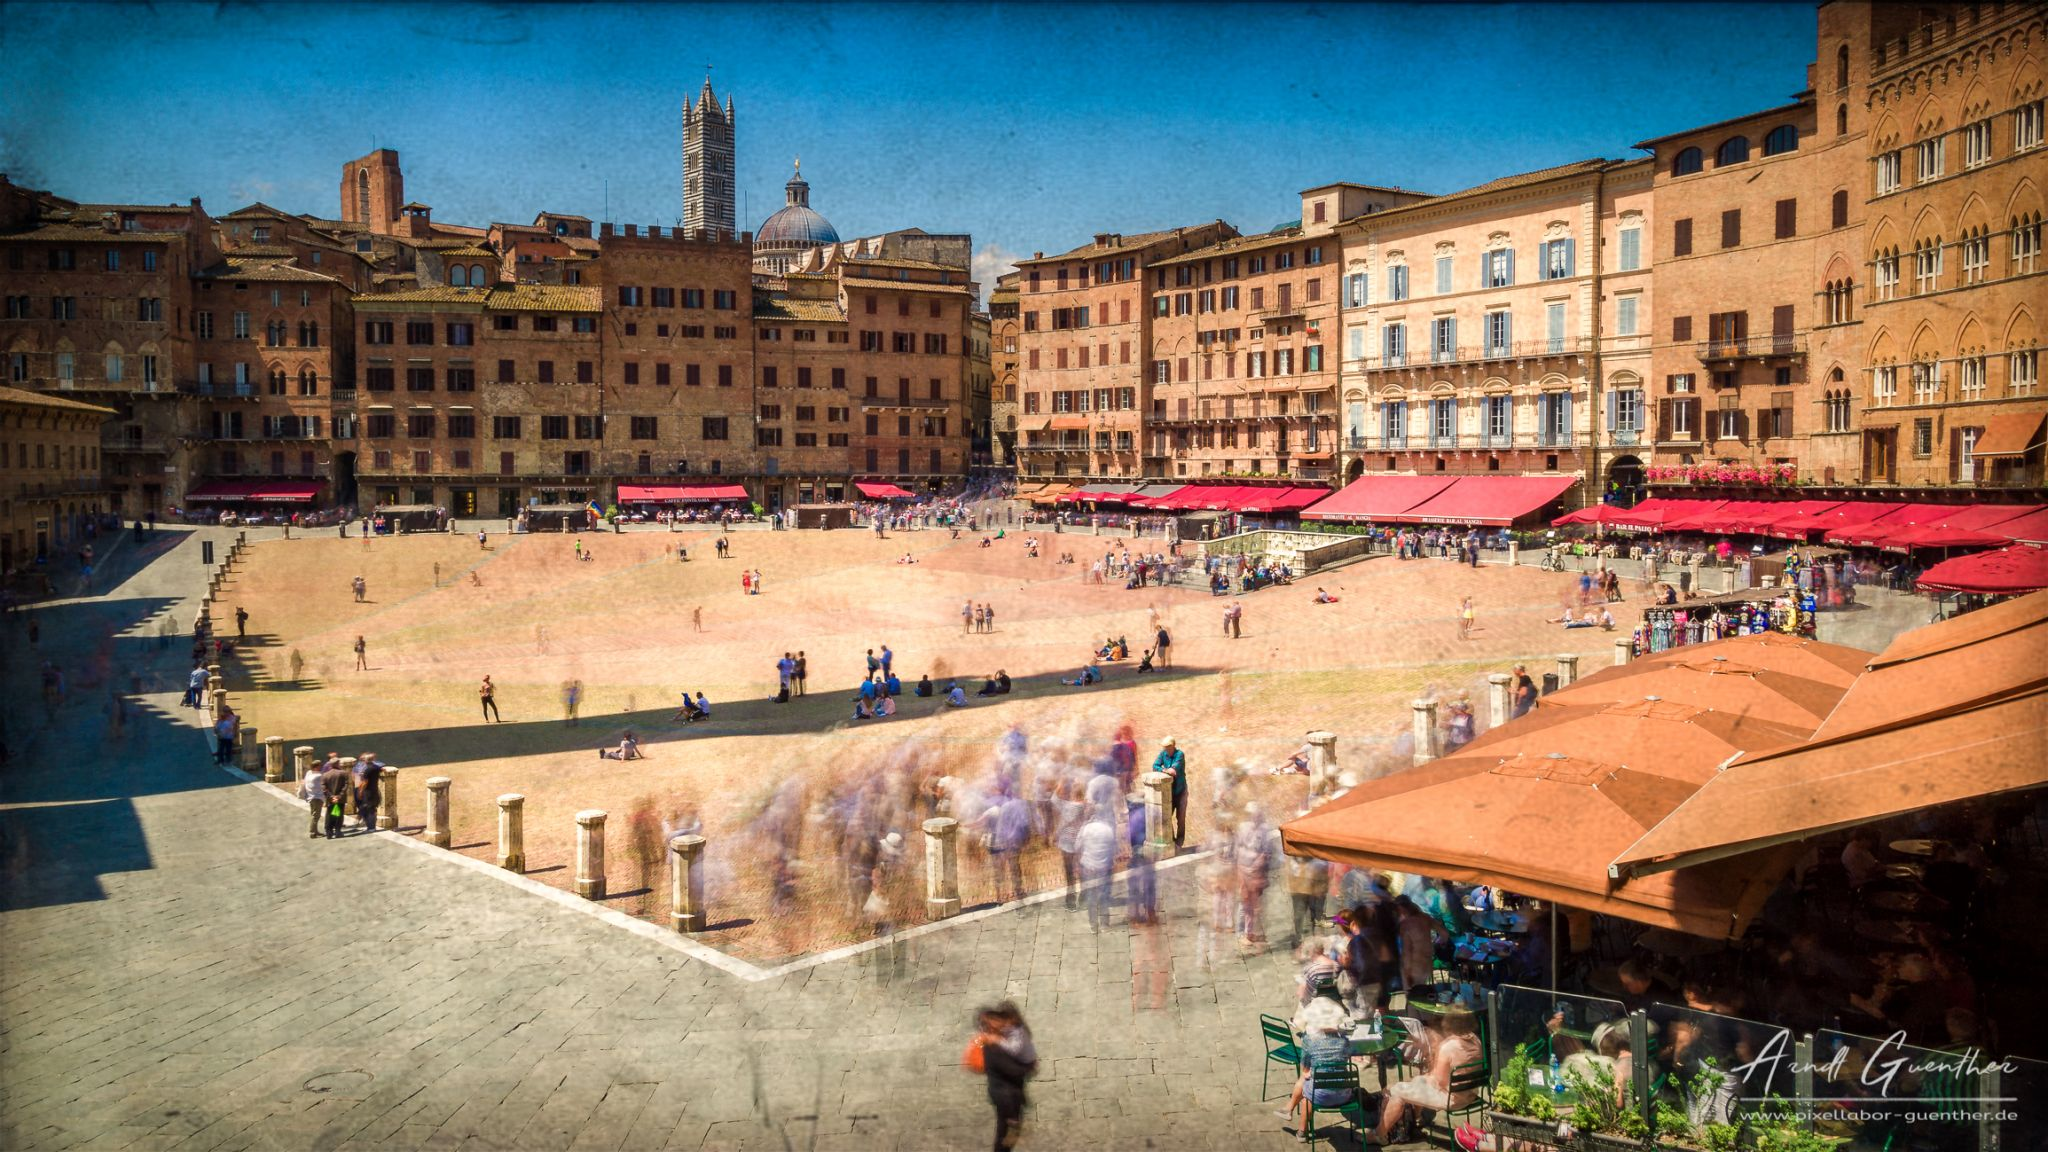 Siena Piazza del Campo, Italy